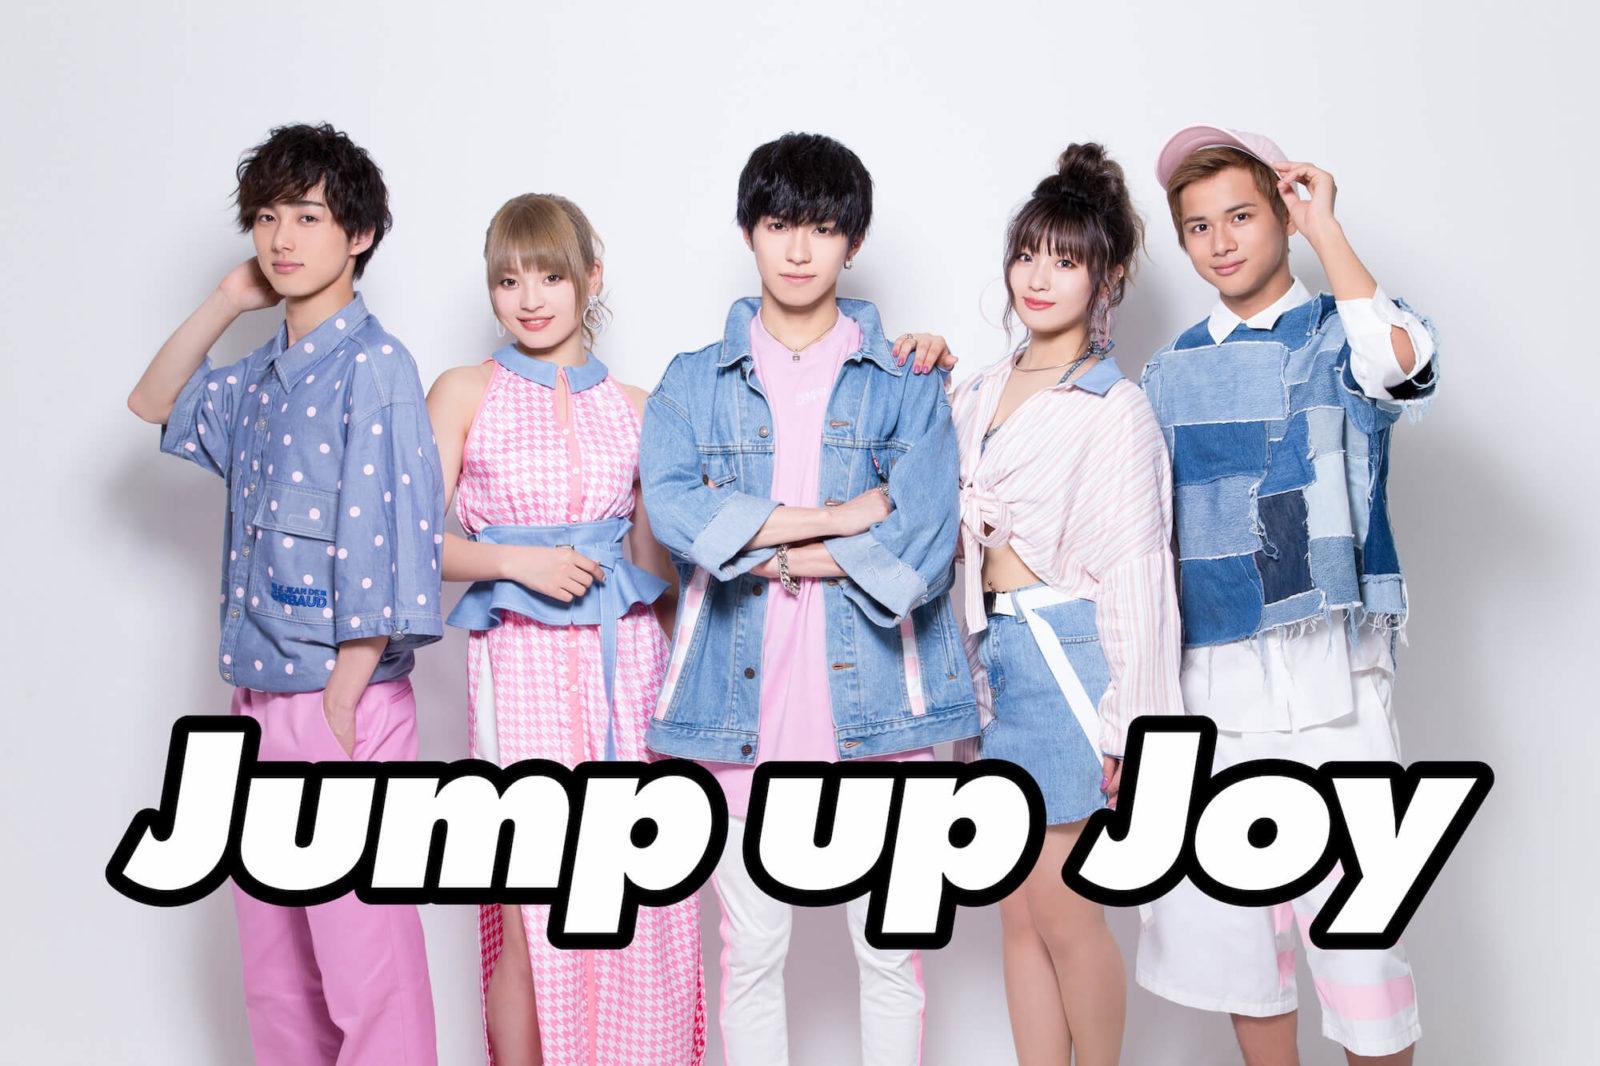 期待の新星ユニット・Jump up Joyが誕生! 事務所無所属の5人が目指す次世代アーティストとはサムネイル画像